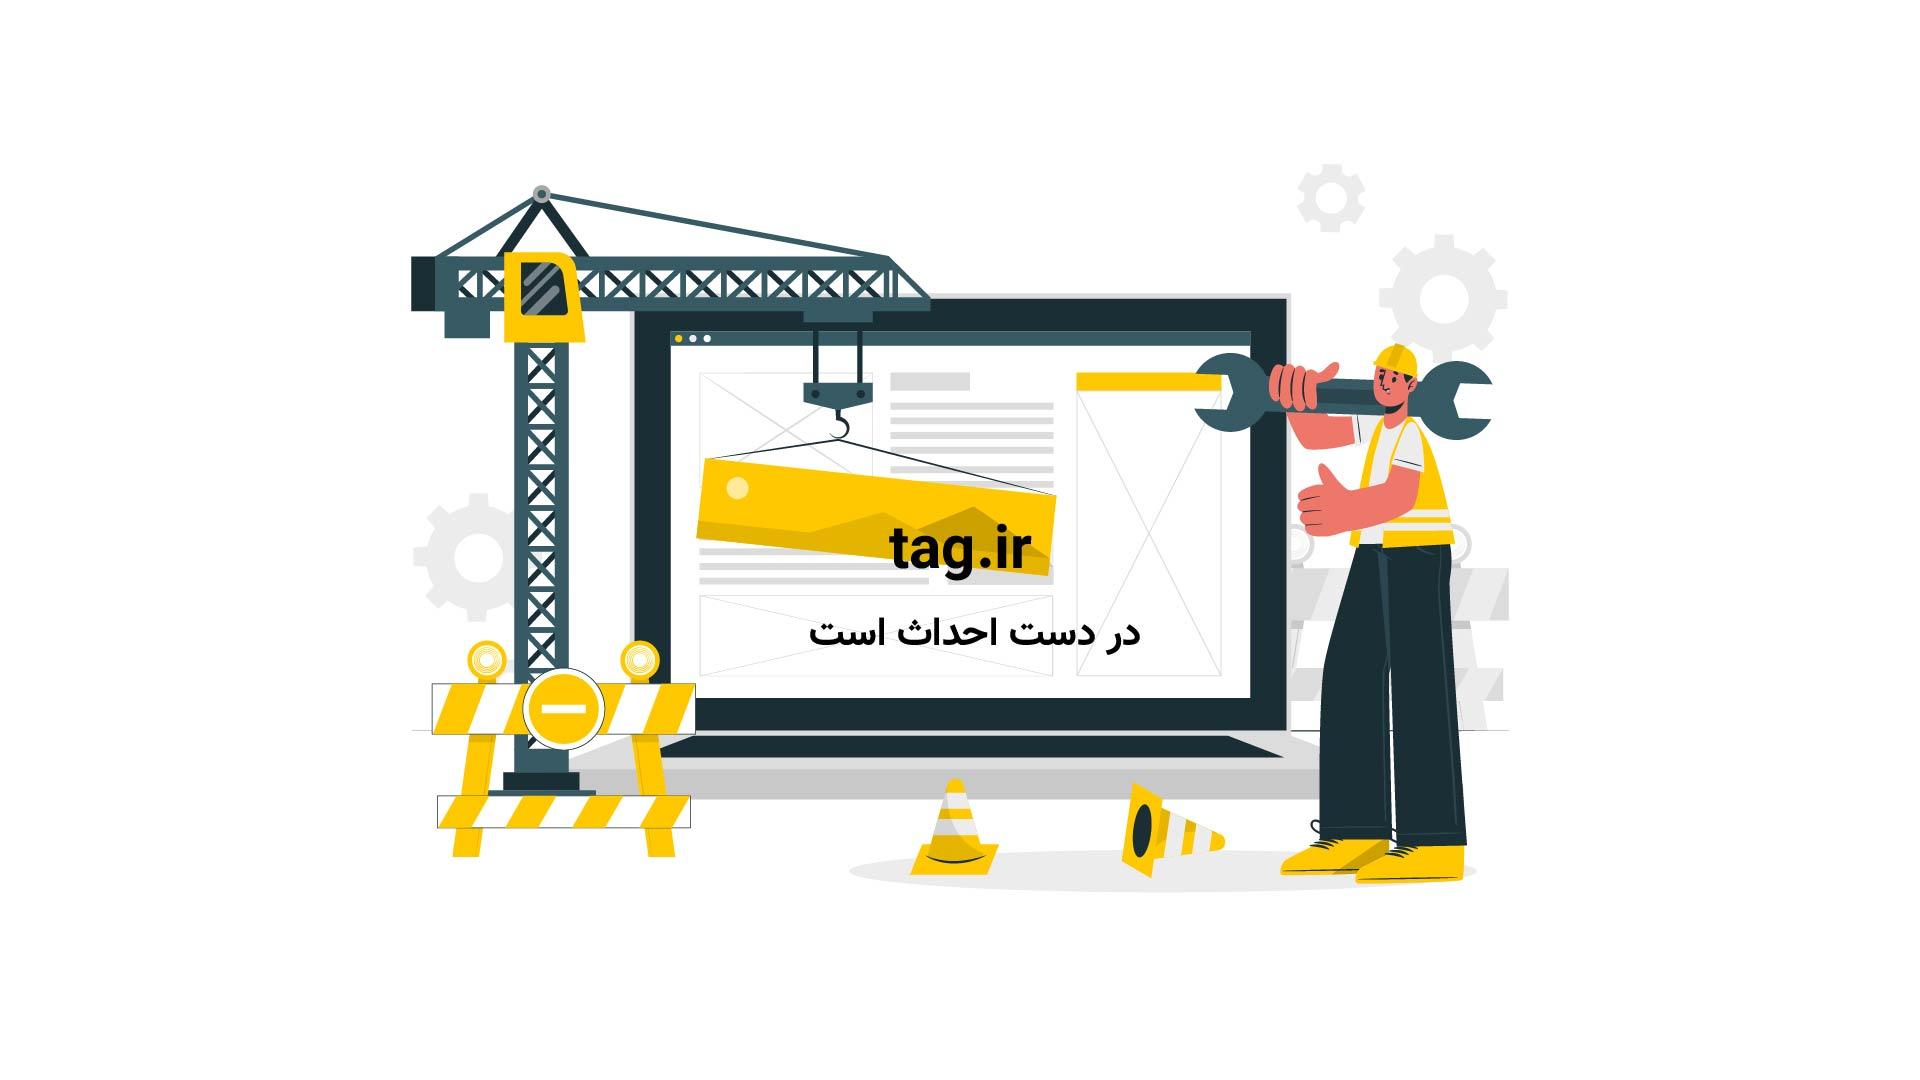 گزارش سازمان هواشناسی از وضعیت آب و هوا کشور تا پایان هفته | فیلم